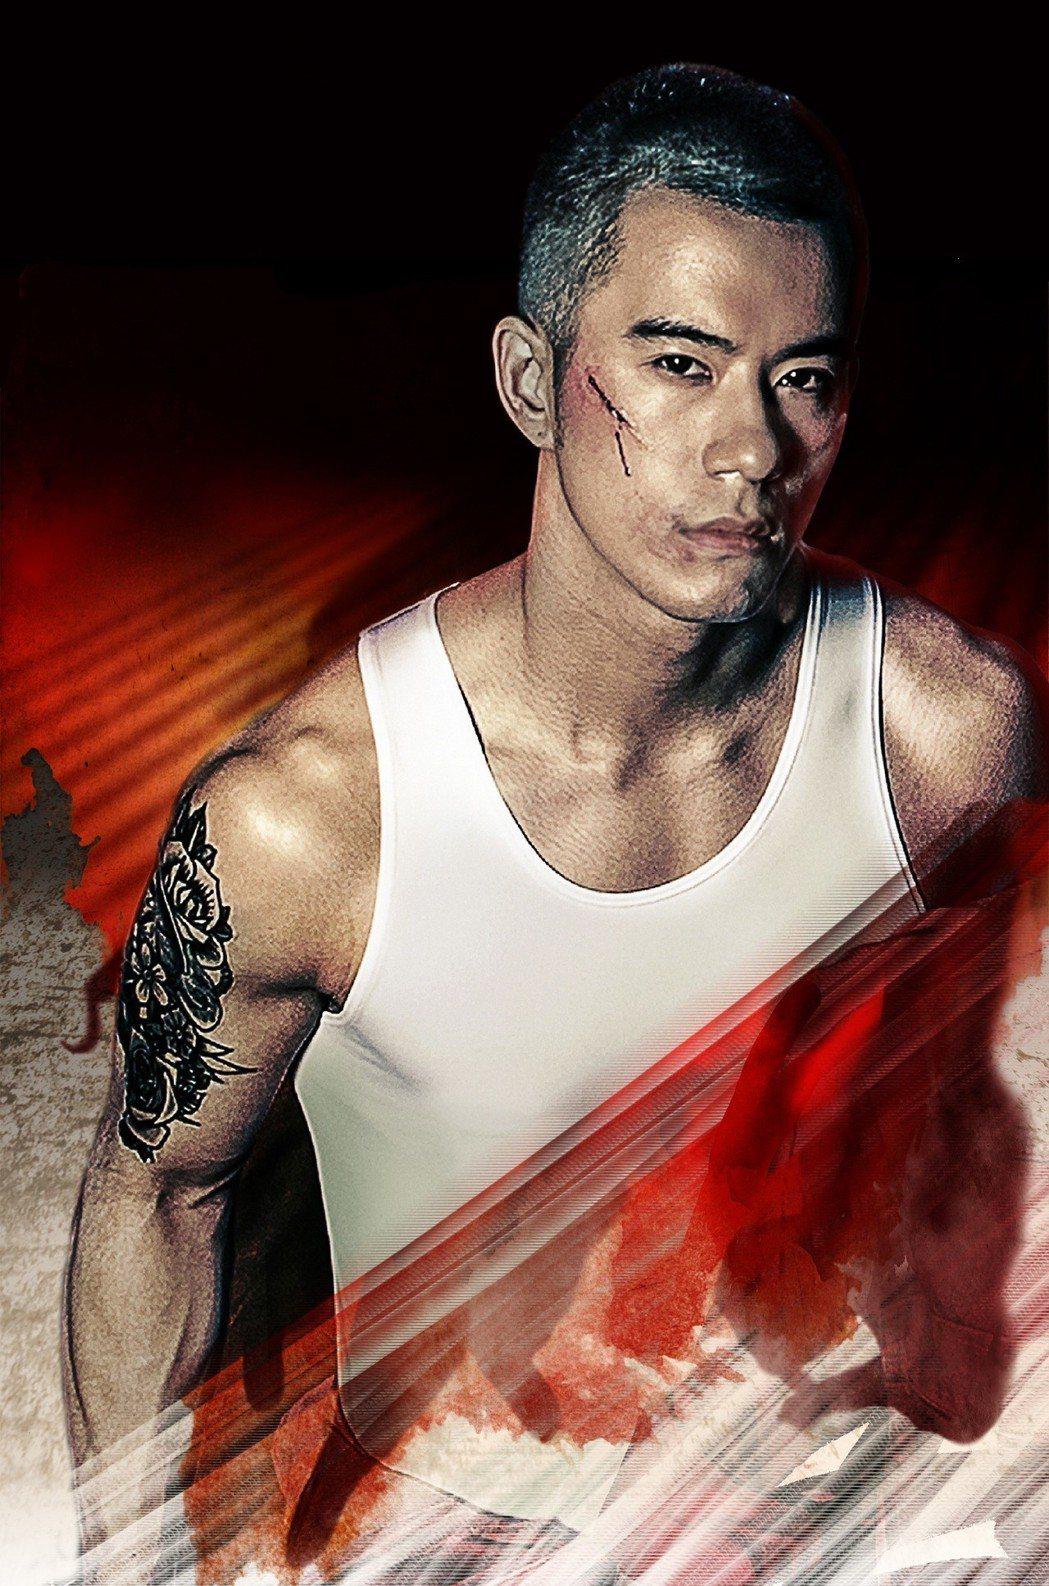 JR紀言愷主演的電影「樂獄」將在9月28日上映。圖/天晴音樂提供